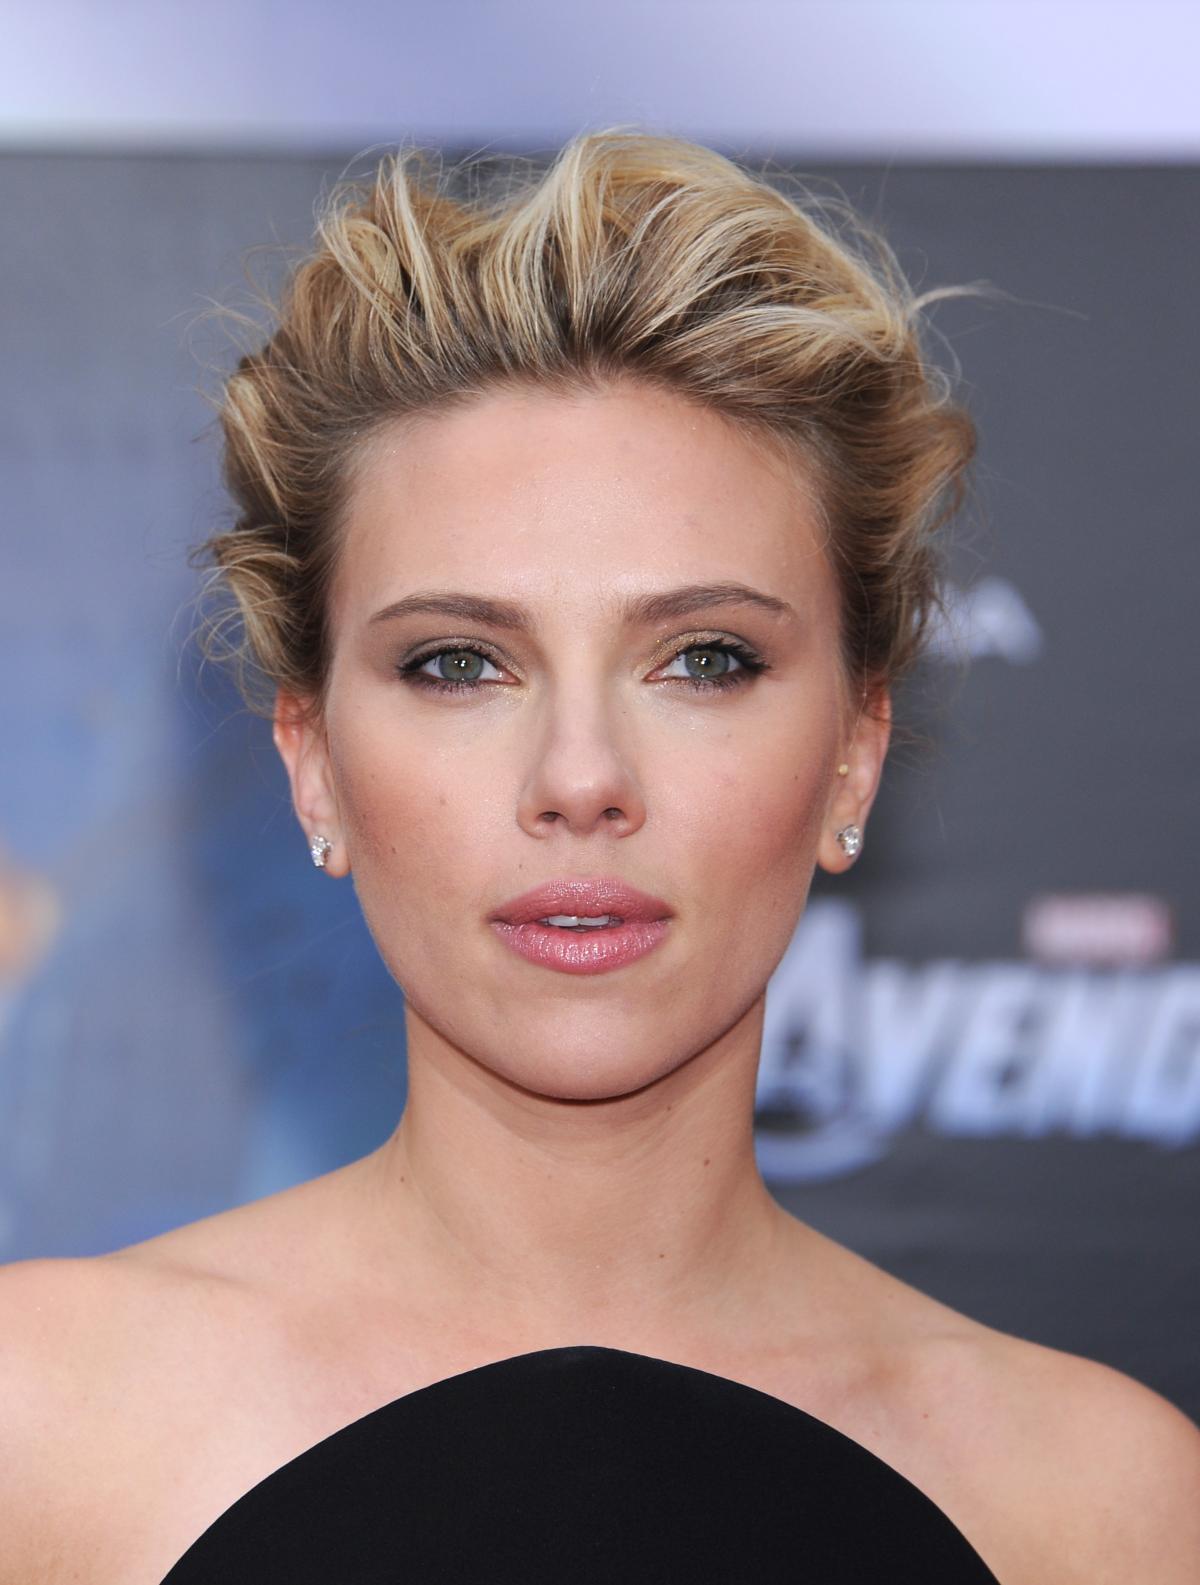 Pomysł na ślubną fryzurę - Scarlett Johansson